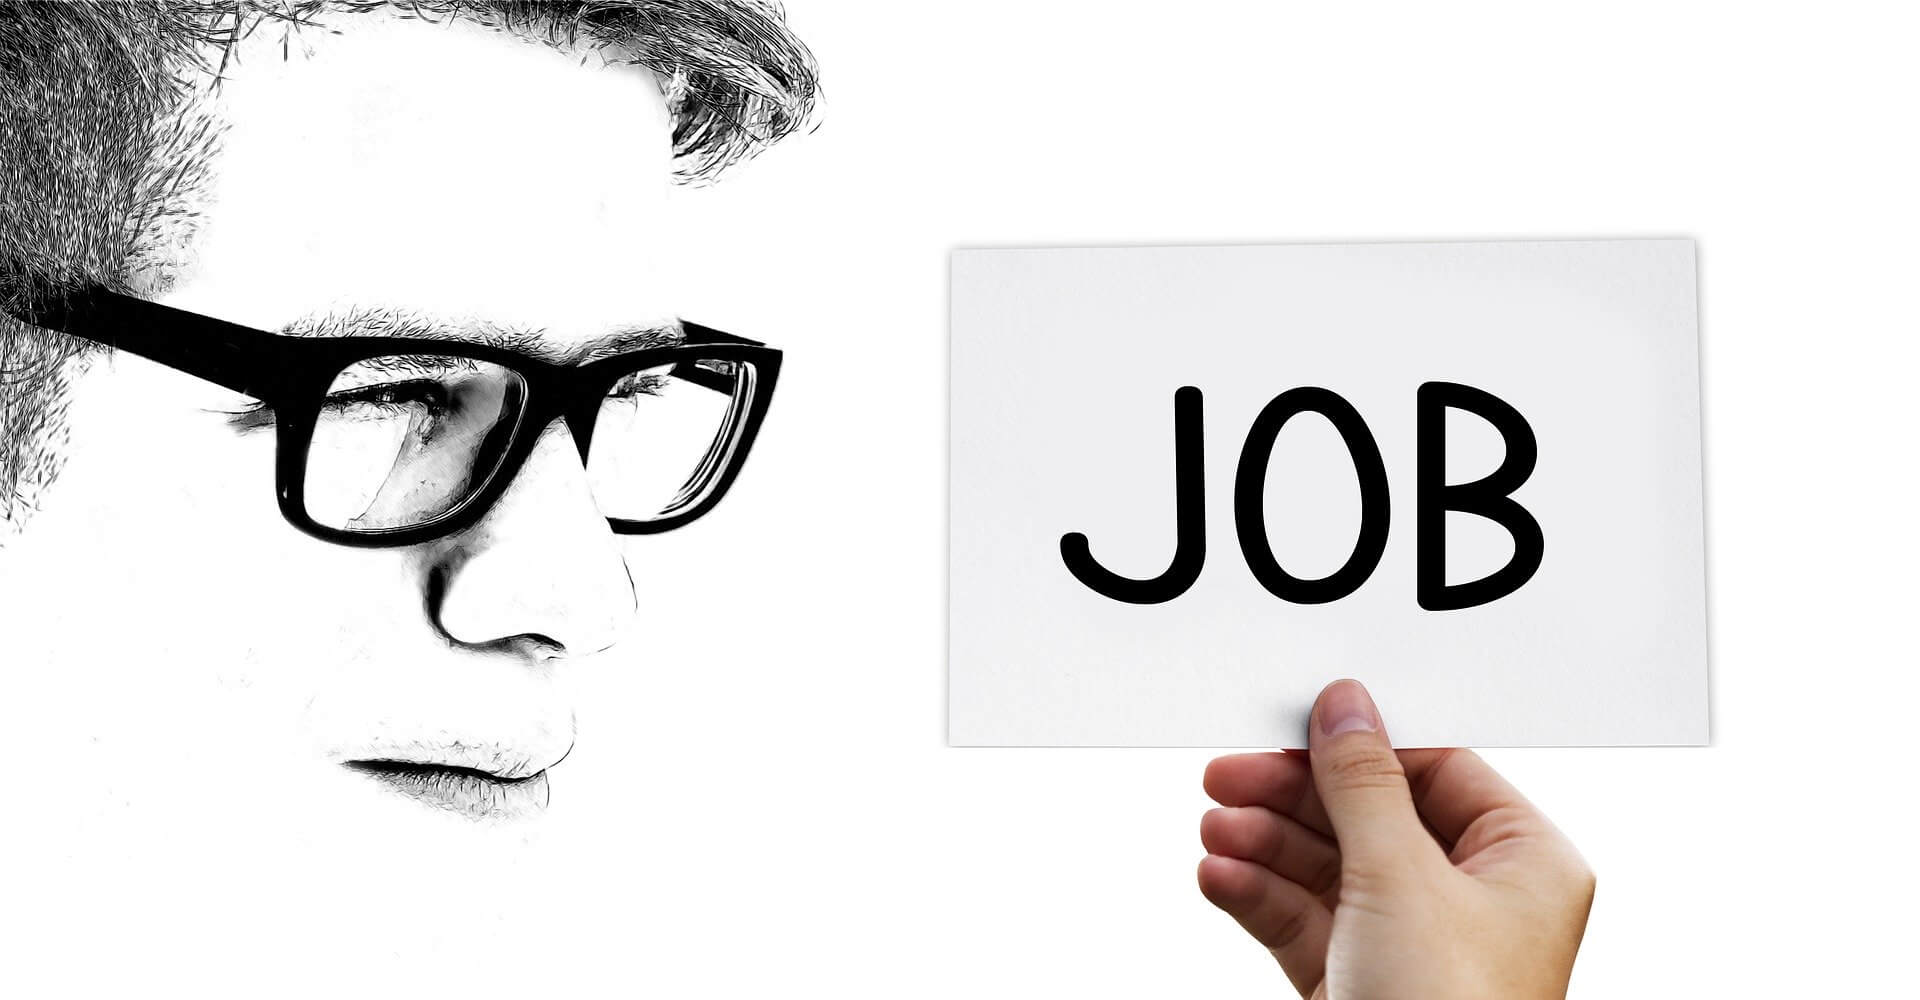 Wer nicht wirbt, der stirbt. Diese Weisheit ist letztendlich auch auf den Arbeitsmarkt anwendbar (c) Gerd Altmann / pixabay.de